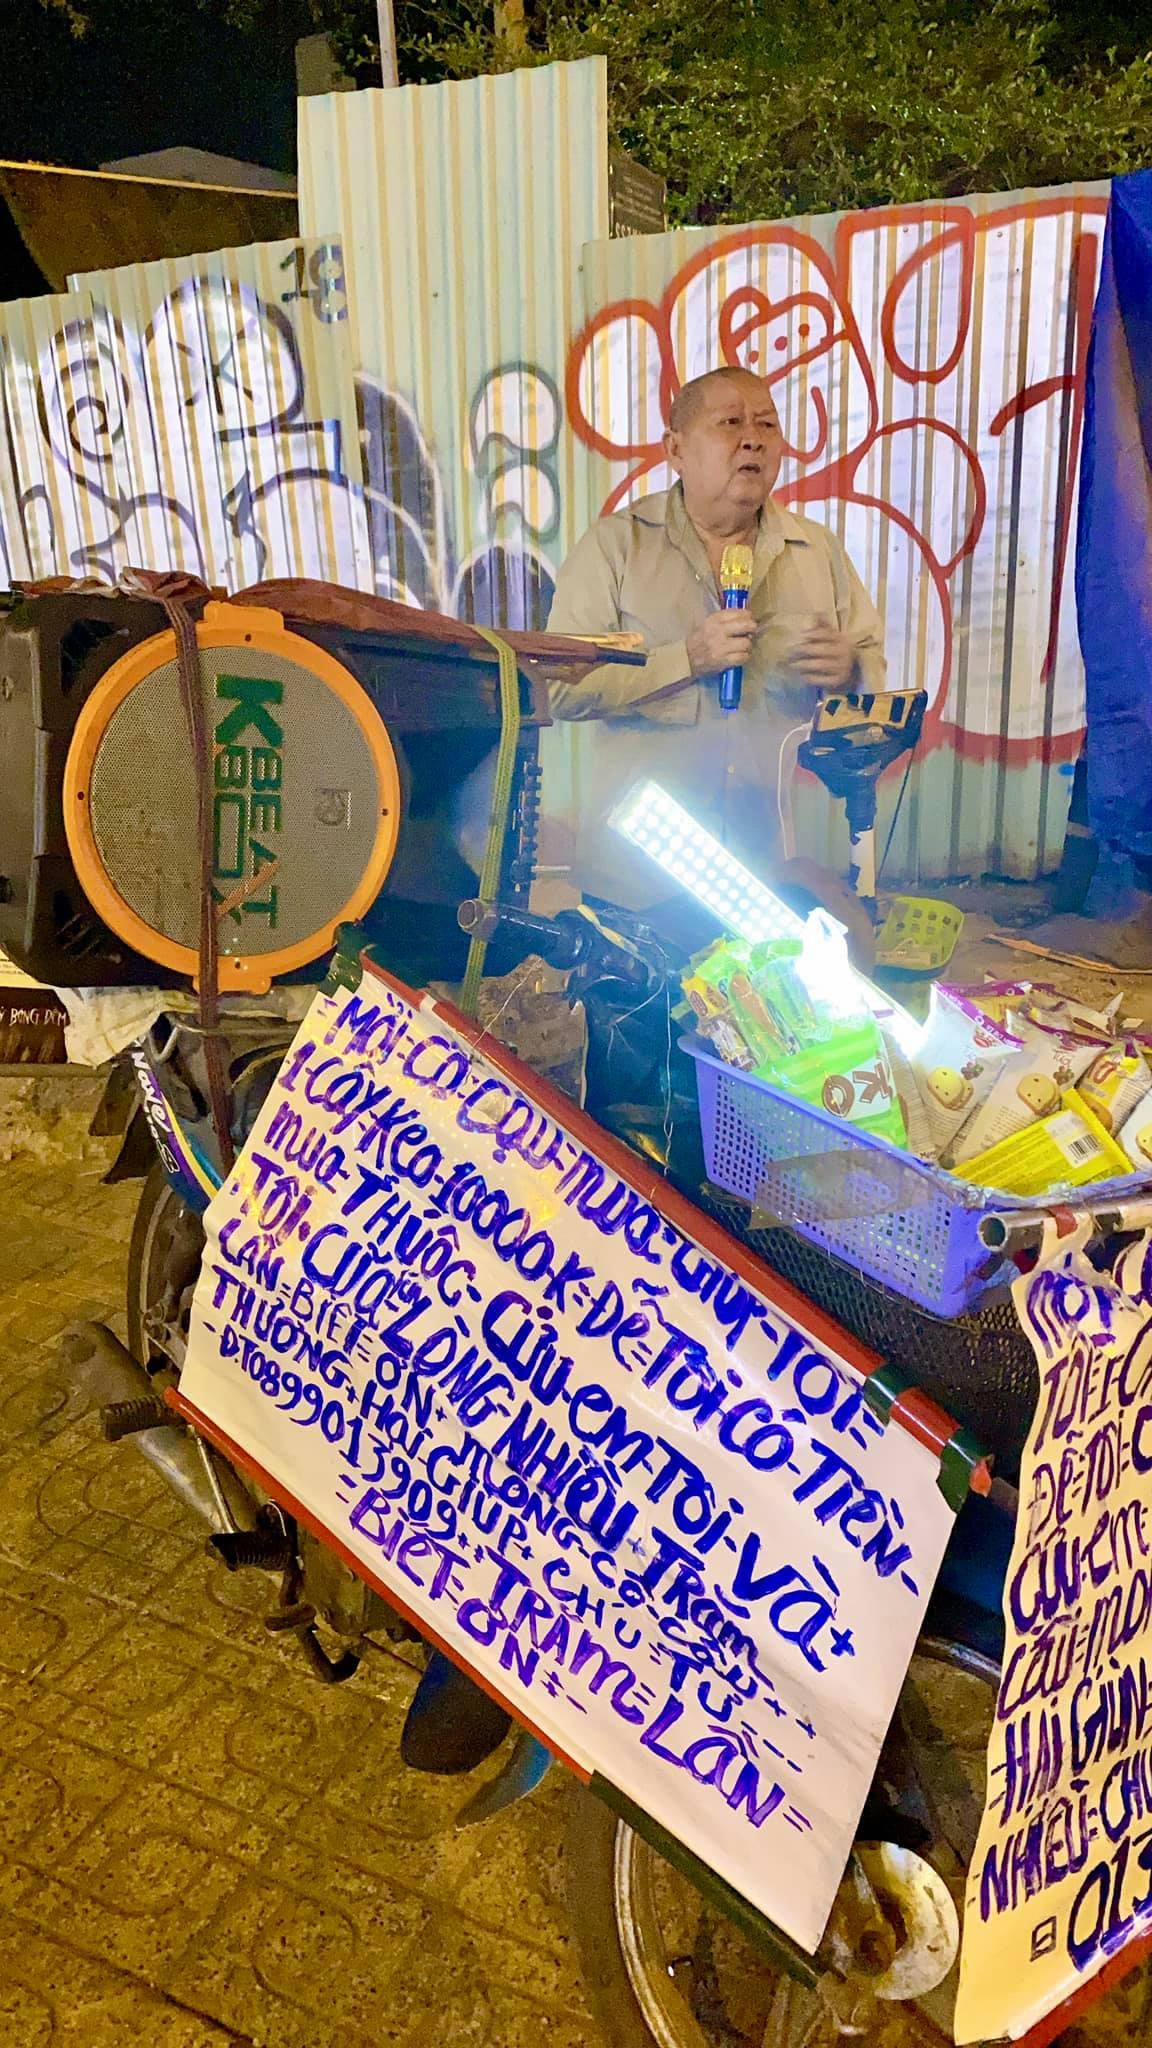 Xót xa cụ ông ở Sài Gòn lúc đêm muộn những ngày giáp Tết vẫn bươn chải hát rong bán hàng kiếm tiền mua thuốc cho em-3